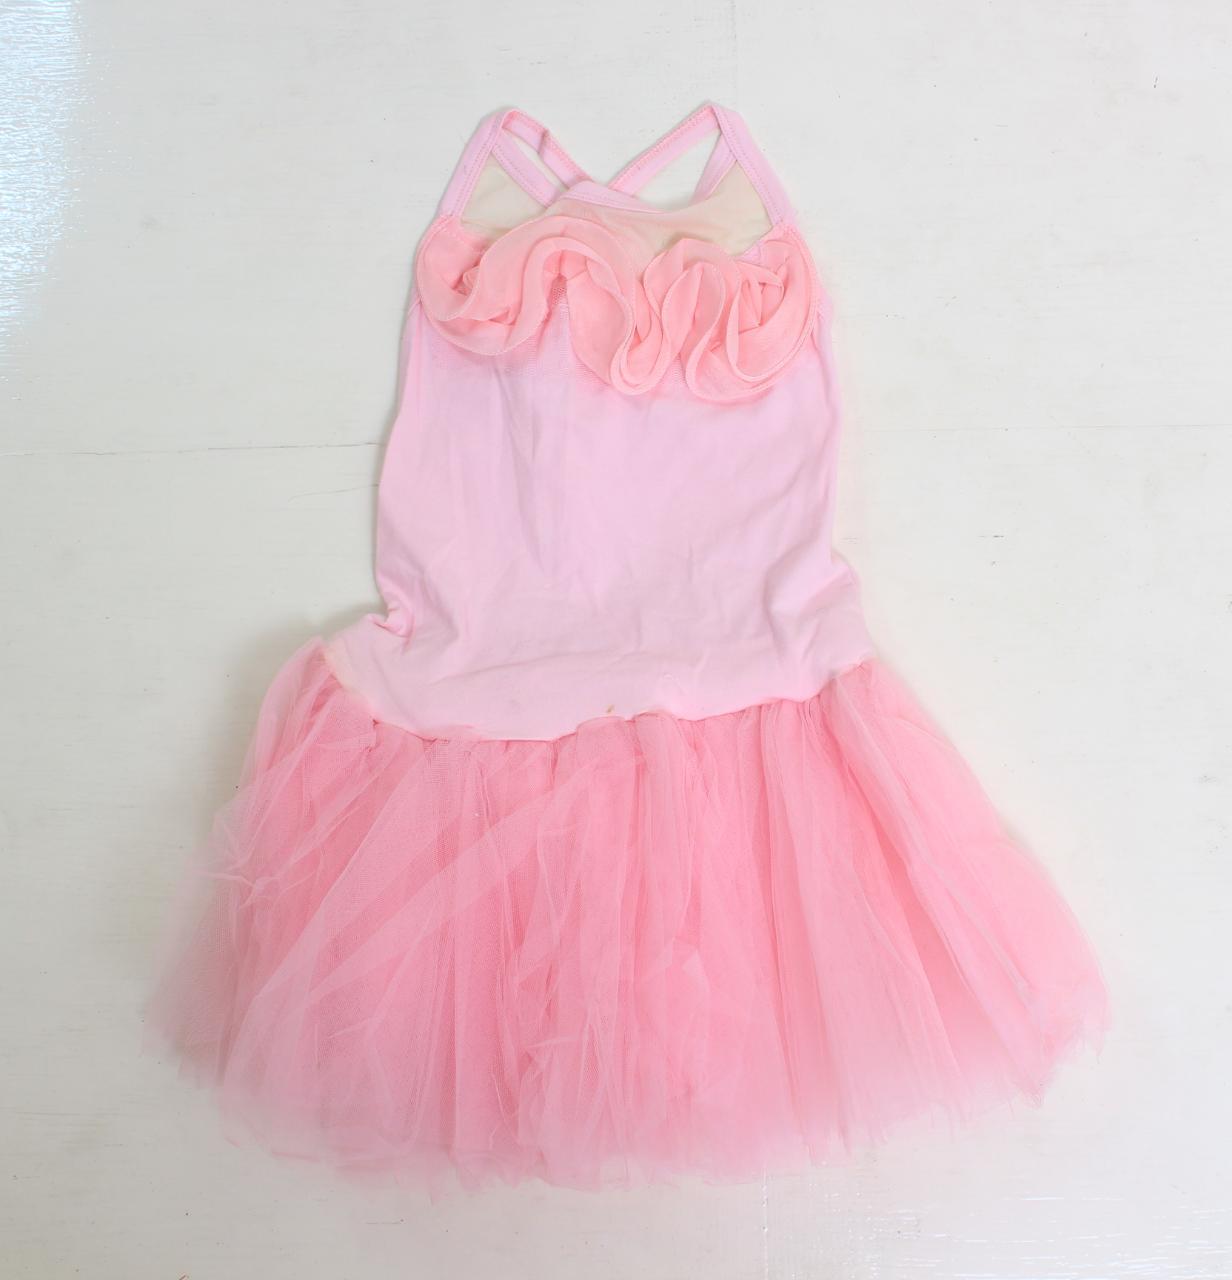 PLAYFUL TOTS Pakaian Balet Tutu Anak